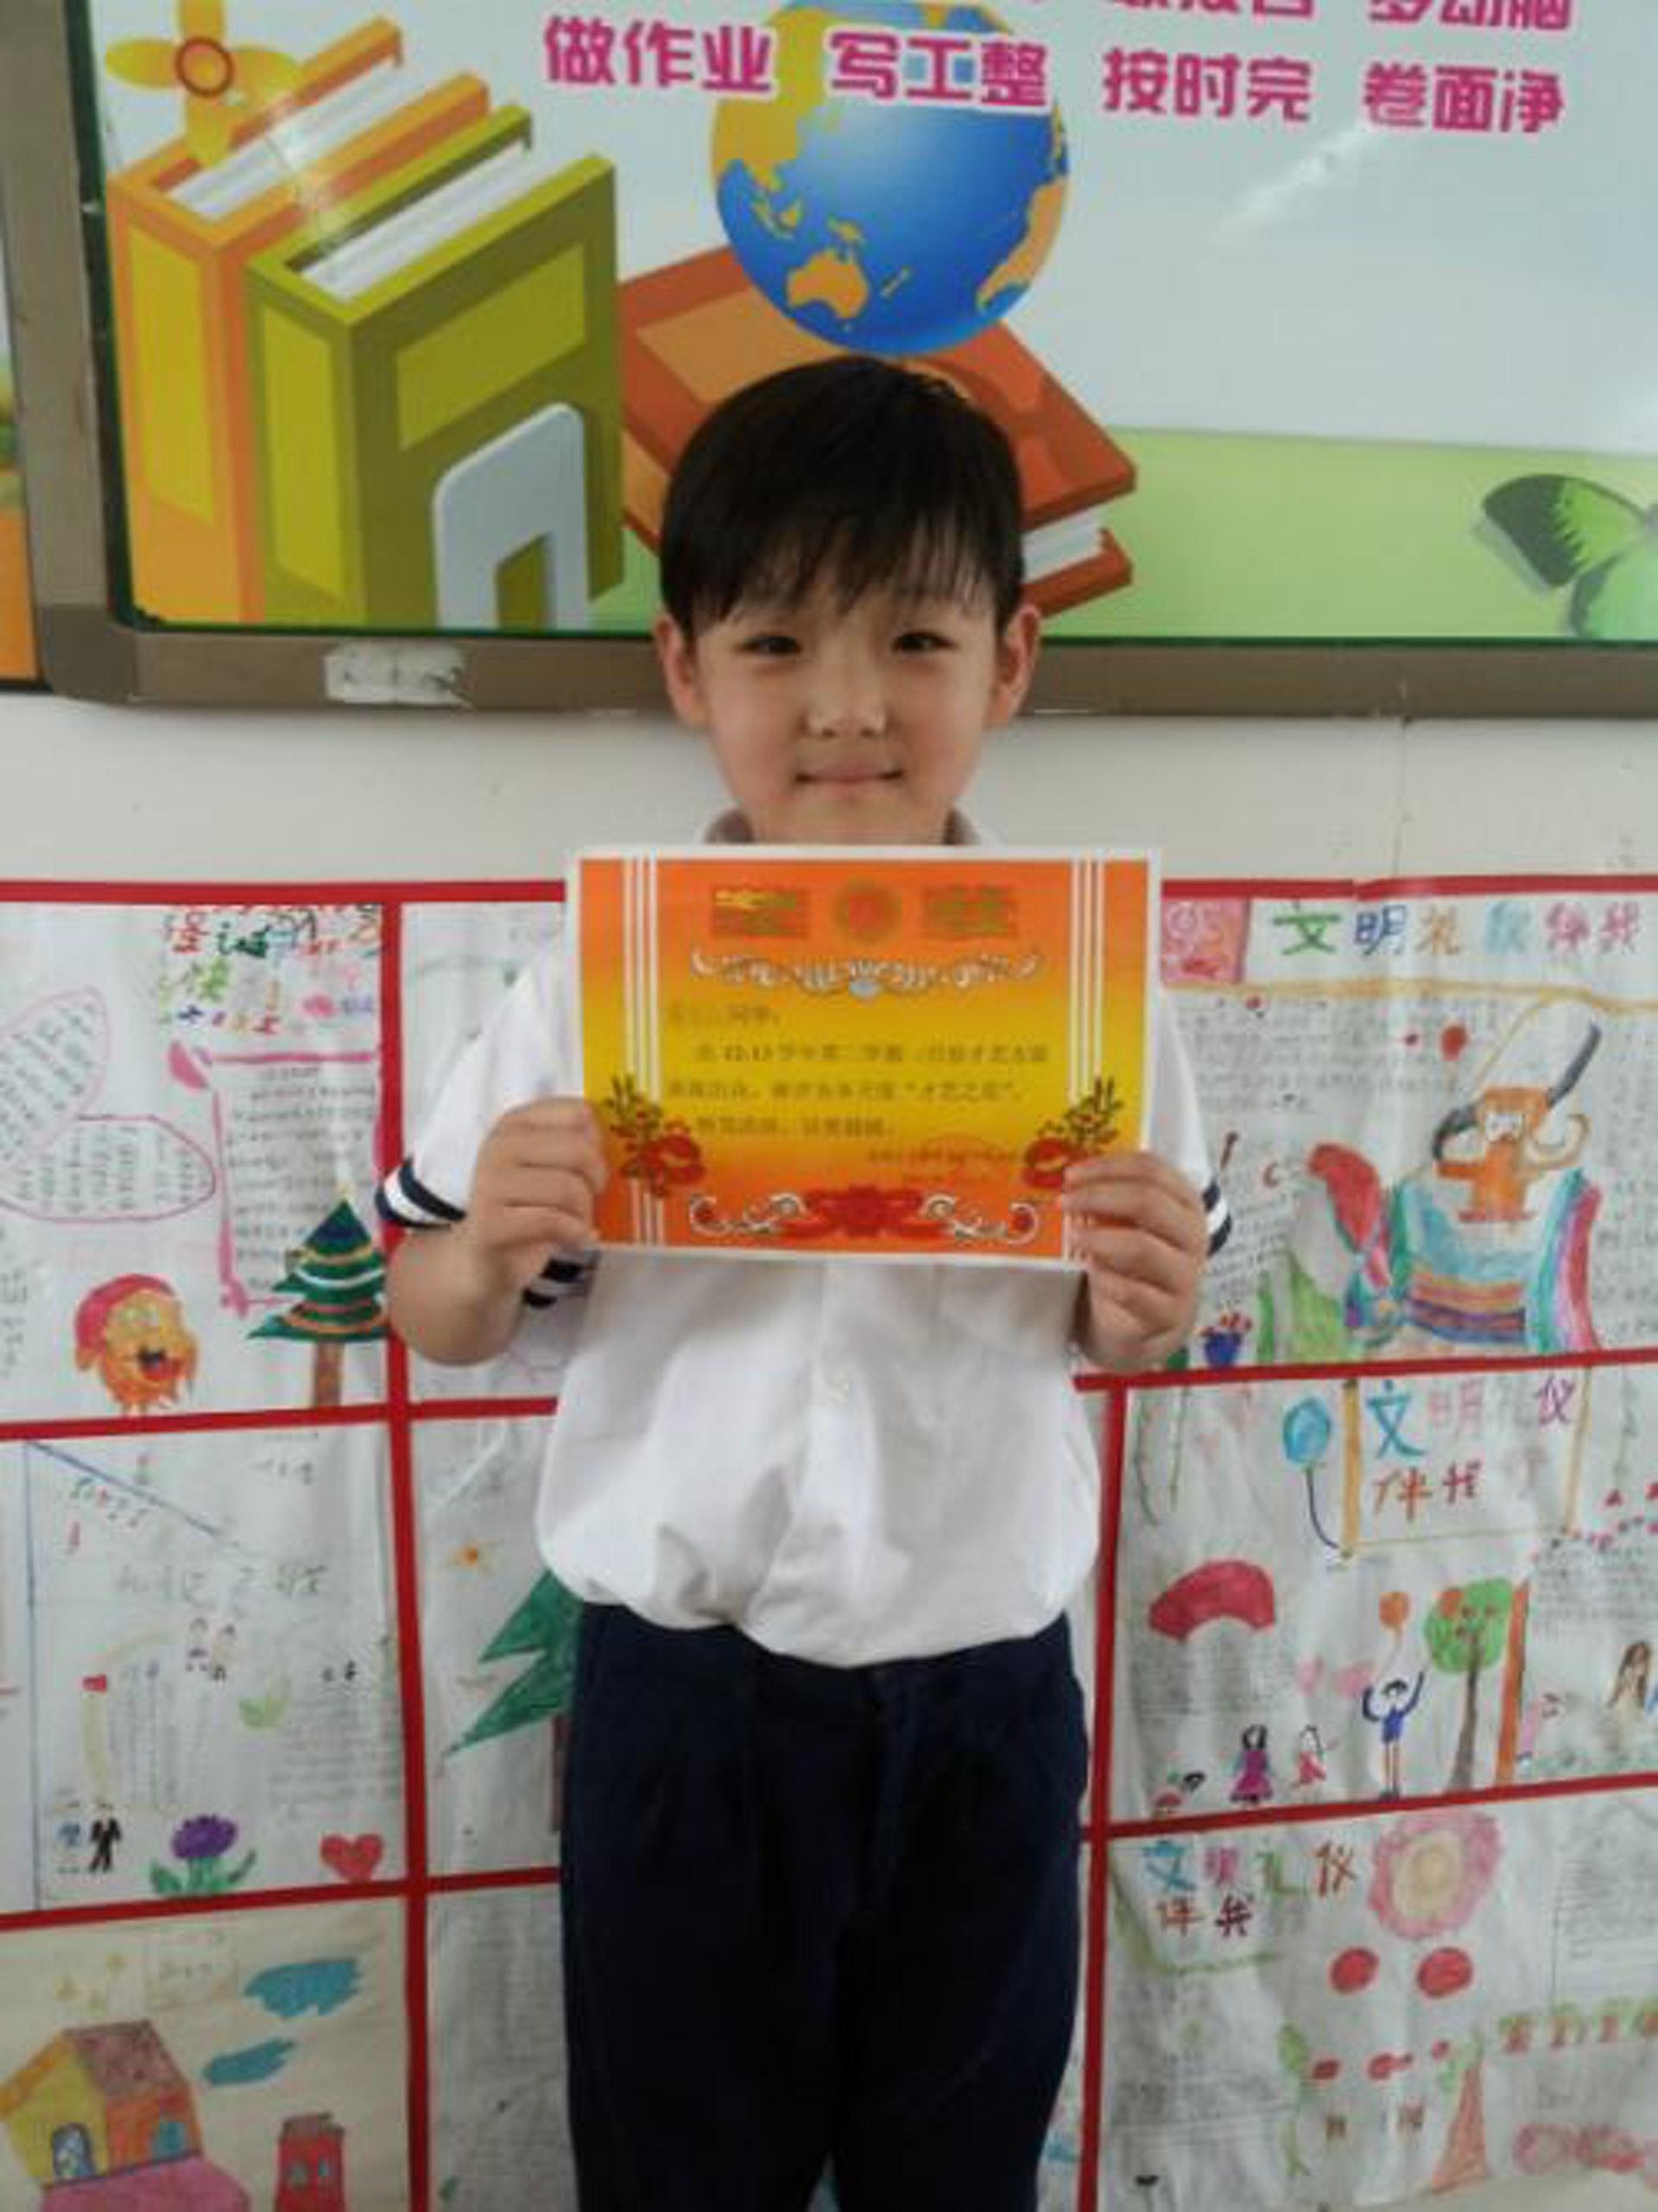 薛永希擁有香港居留權,不過很多時候在內地讀者。(網上圖片)